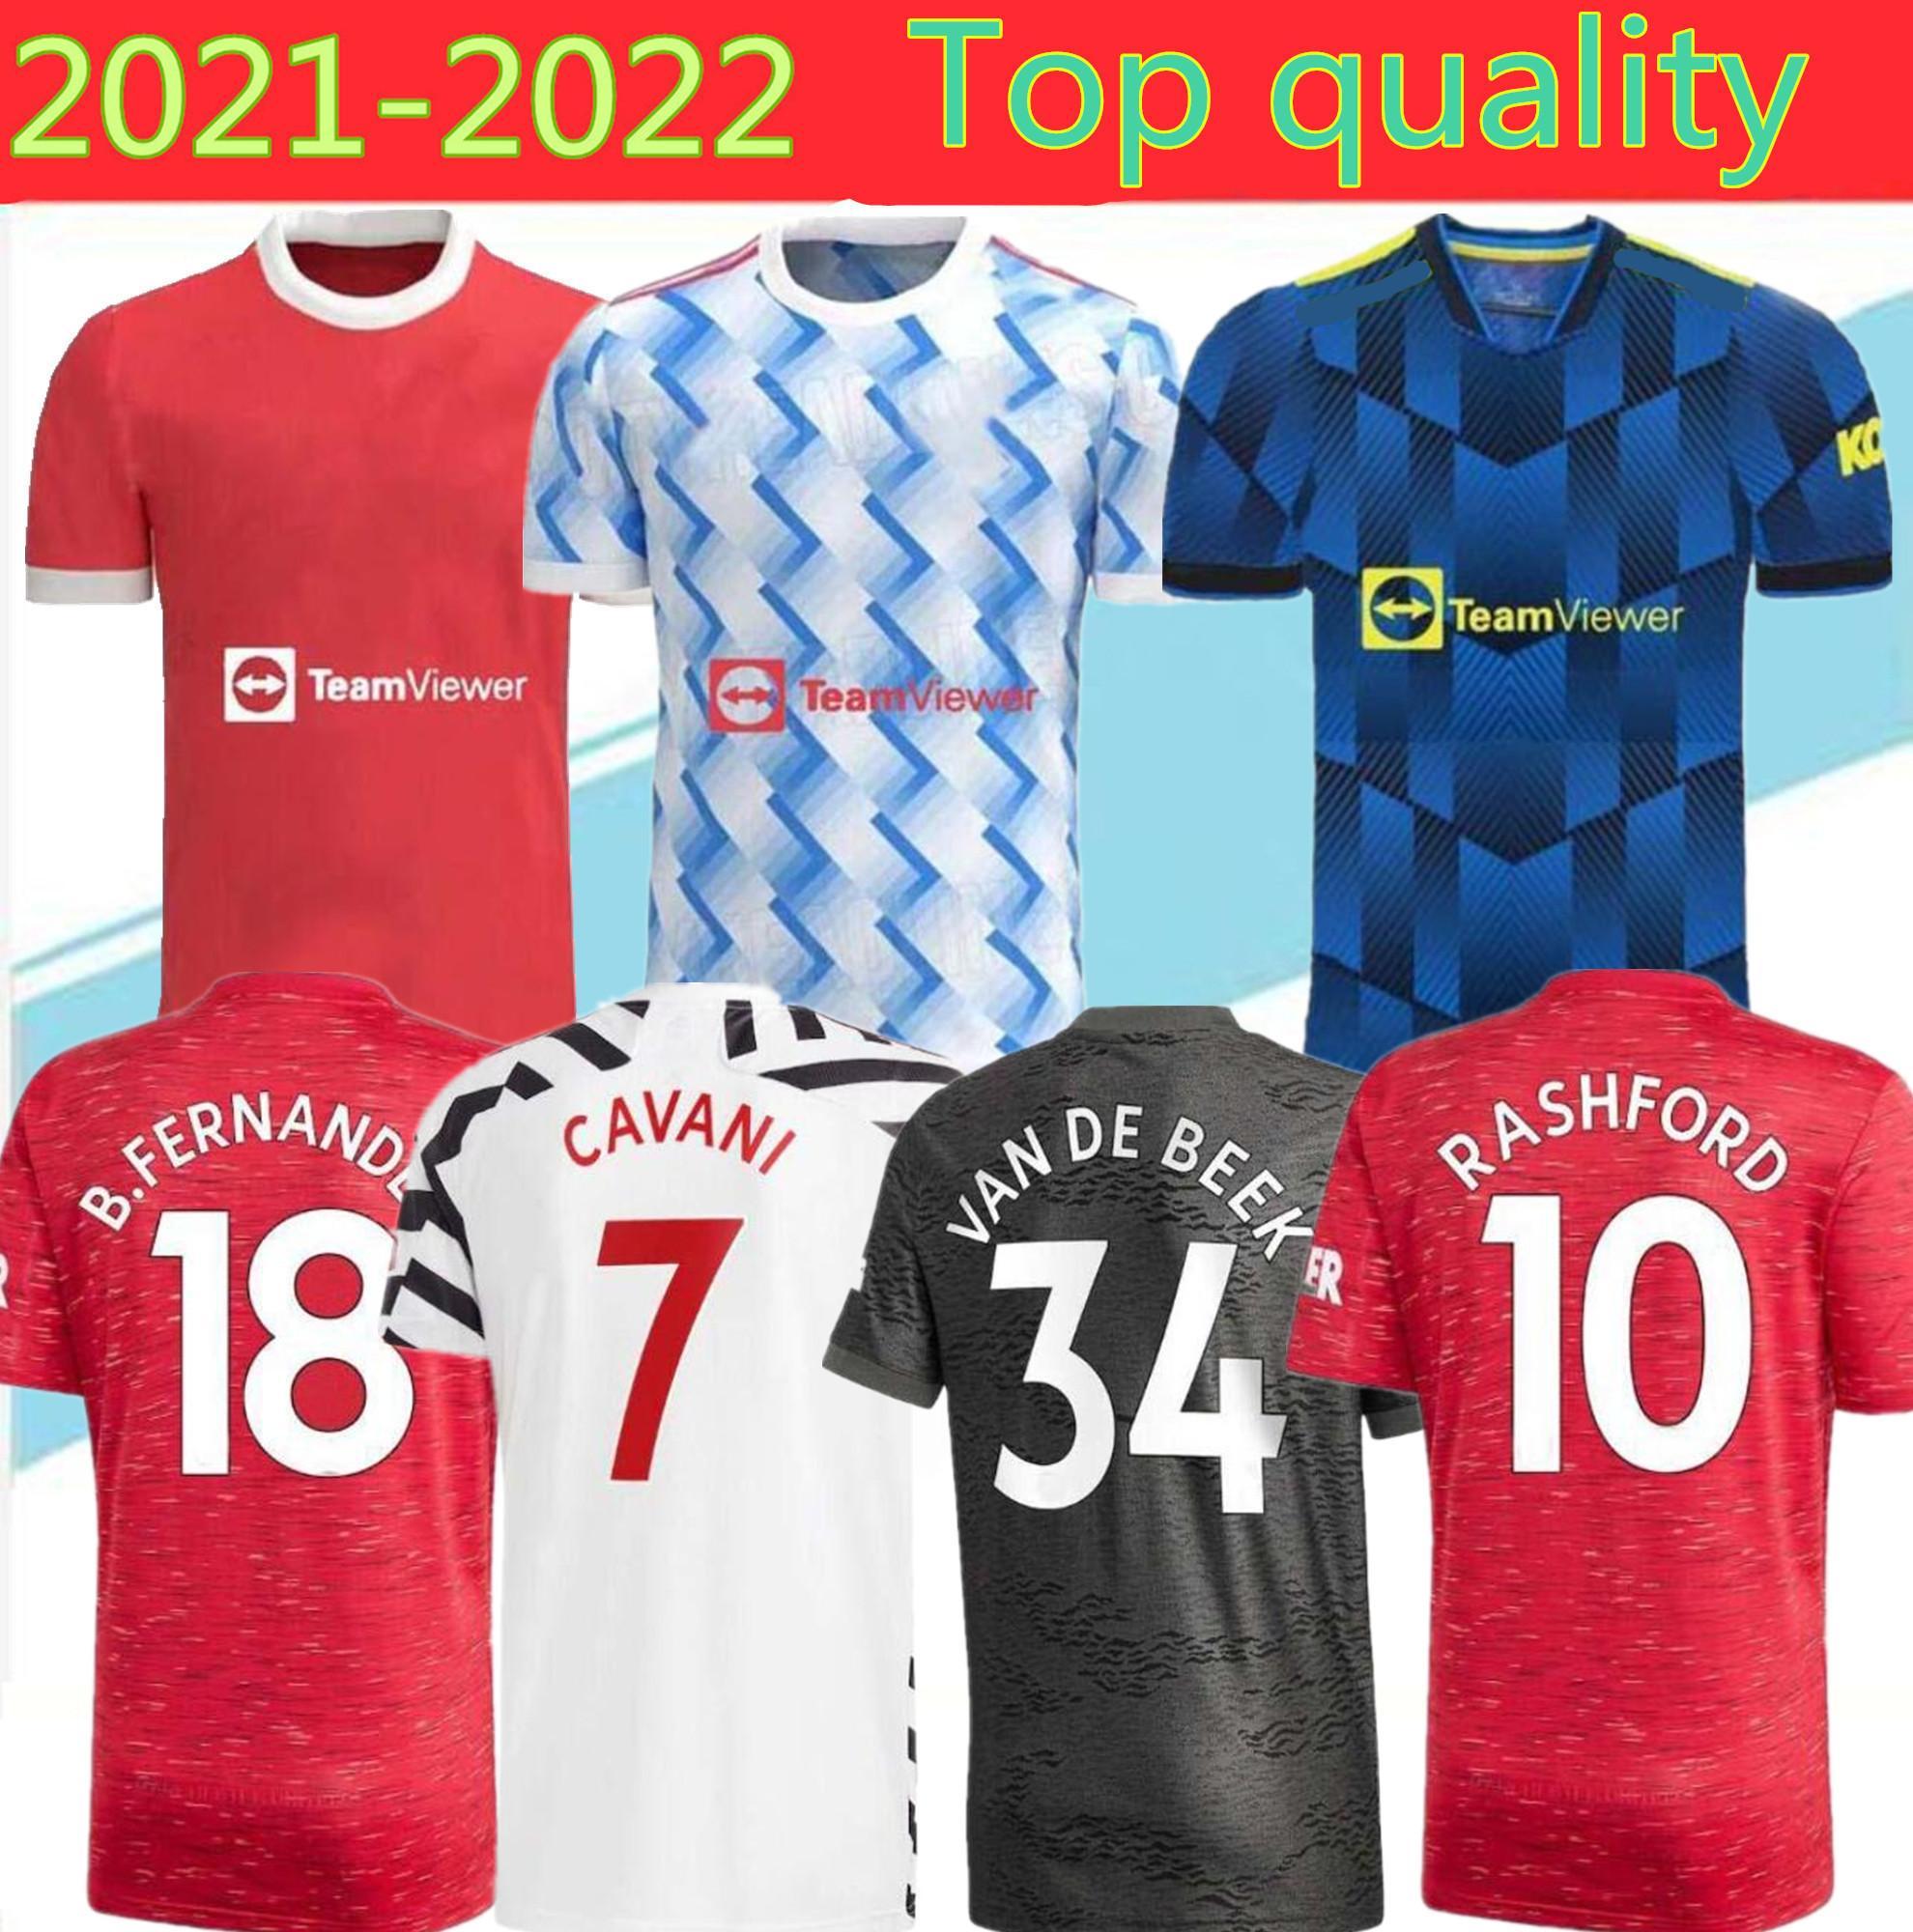 الرجال + الاطفال 2021 كرة القدم الفانيلة الولايات المتحدة كافاني UTD فان دي بيك B. فرنانديز راشفورد قميص كرة القدم 21 22 كيت HumeRrace الرابع